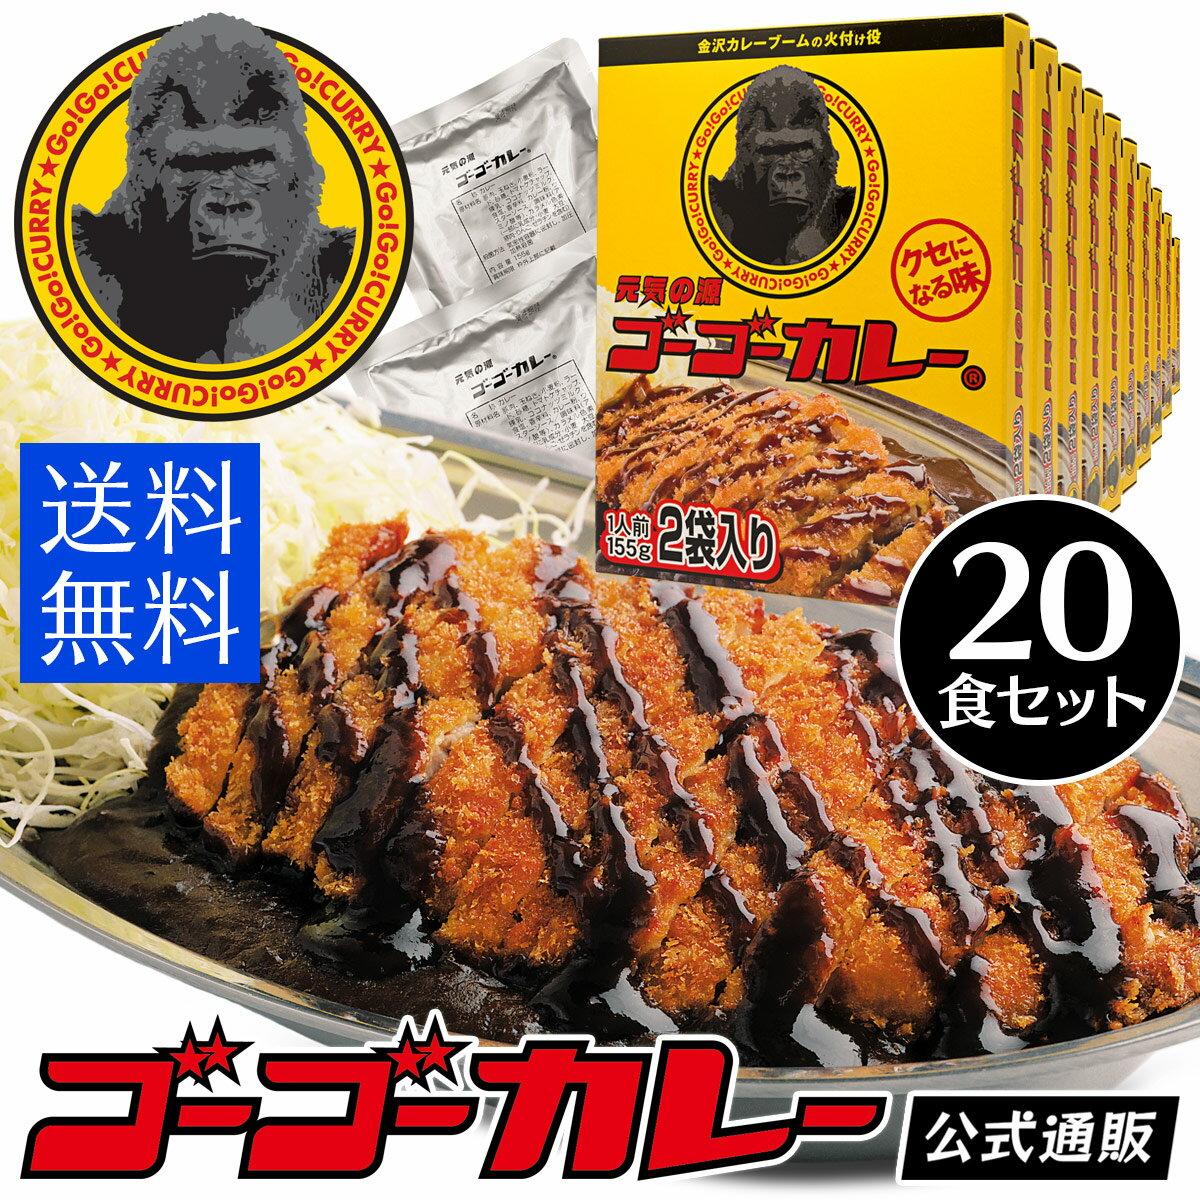 ゴーゴーカレー レトルトカレー 10箱20食セット レトルト カレー 詰め合わせ 送料無料